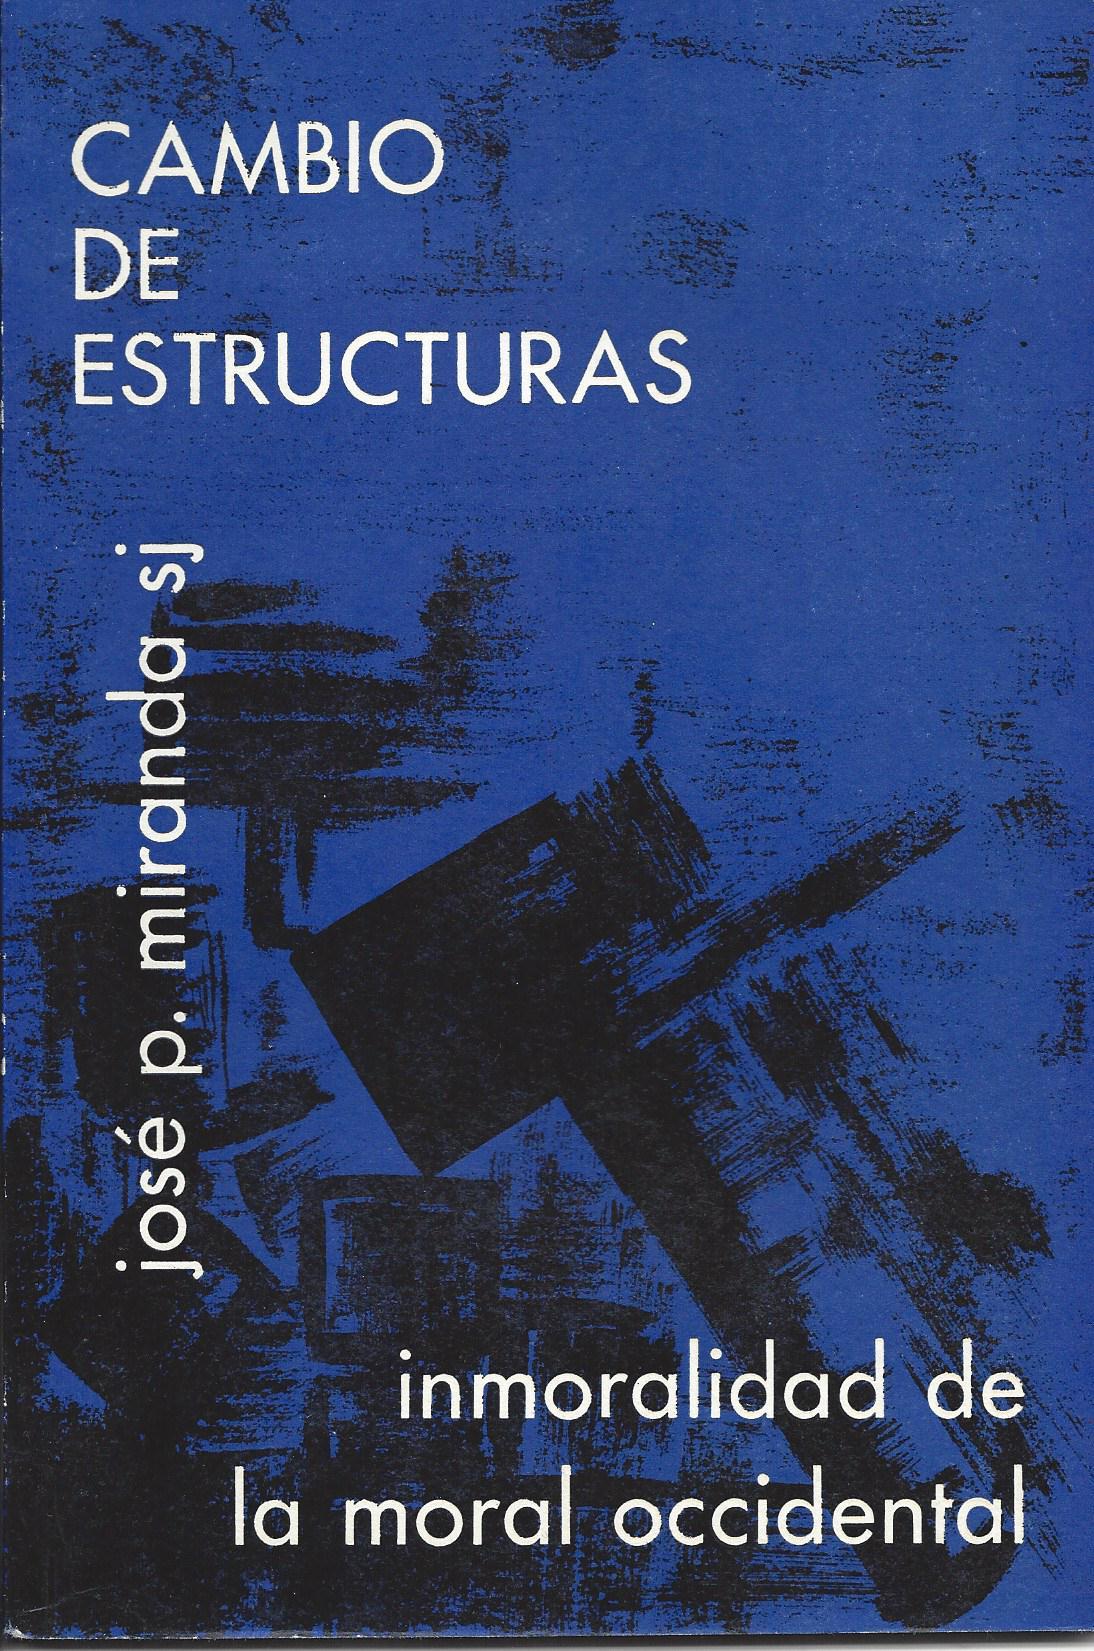 Cambio de Estructuras 1971